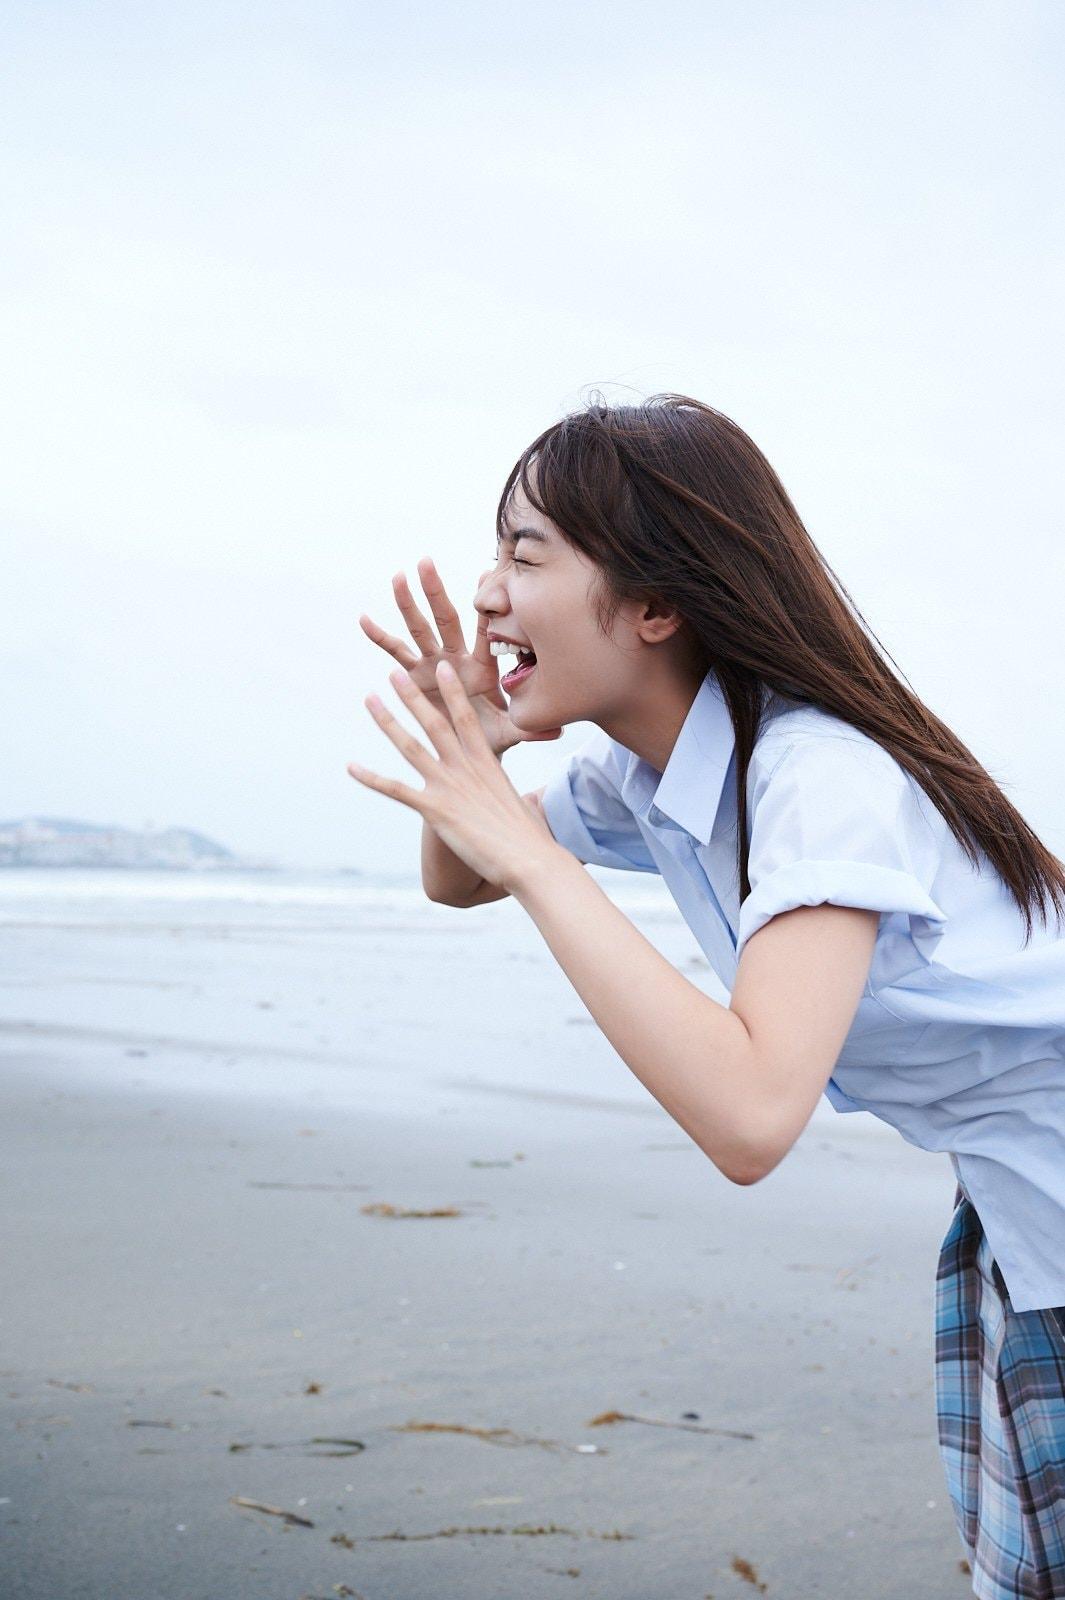 黒木ひかりが『漫画アクション』の表紙巻頭グラビアに登場!【写真13枚】の画像008